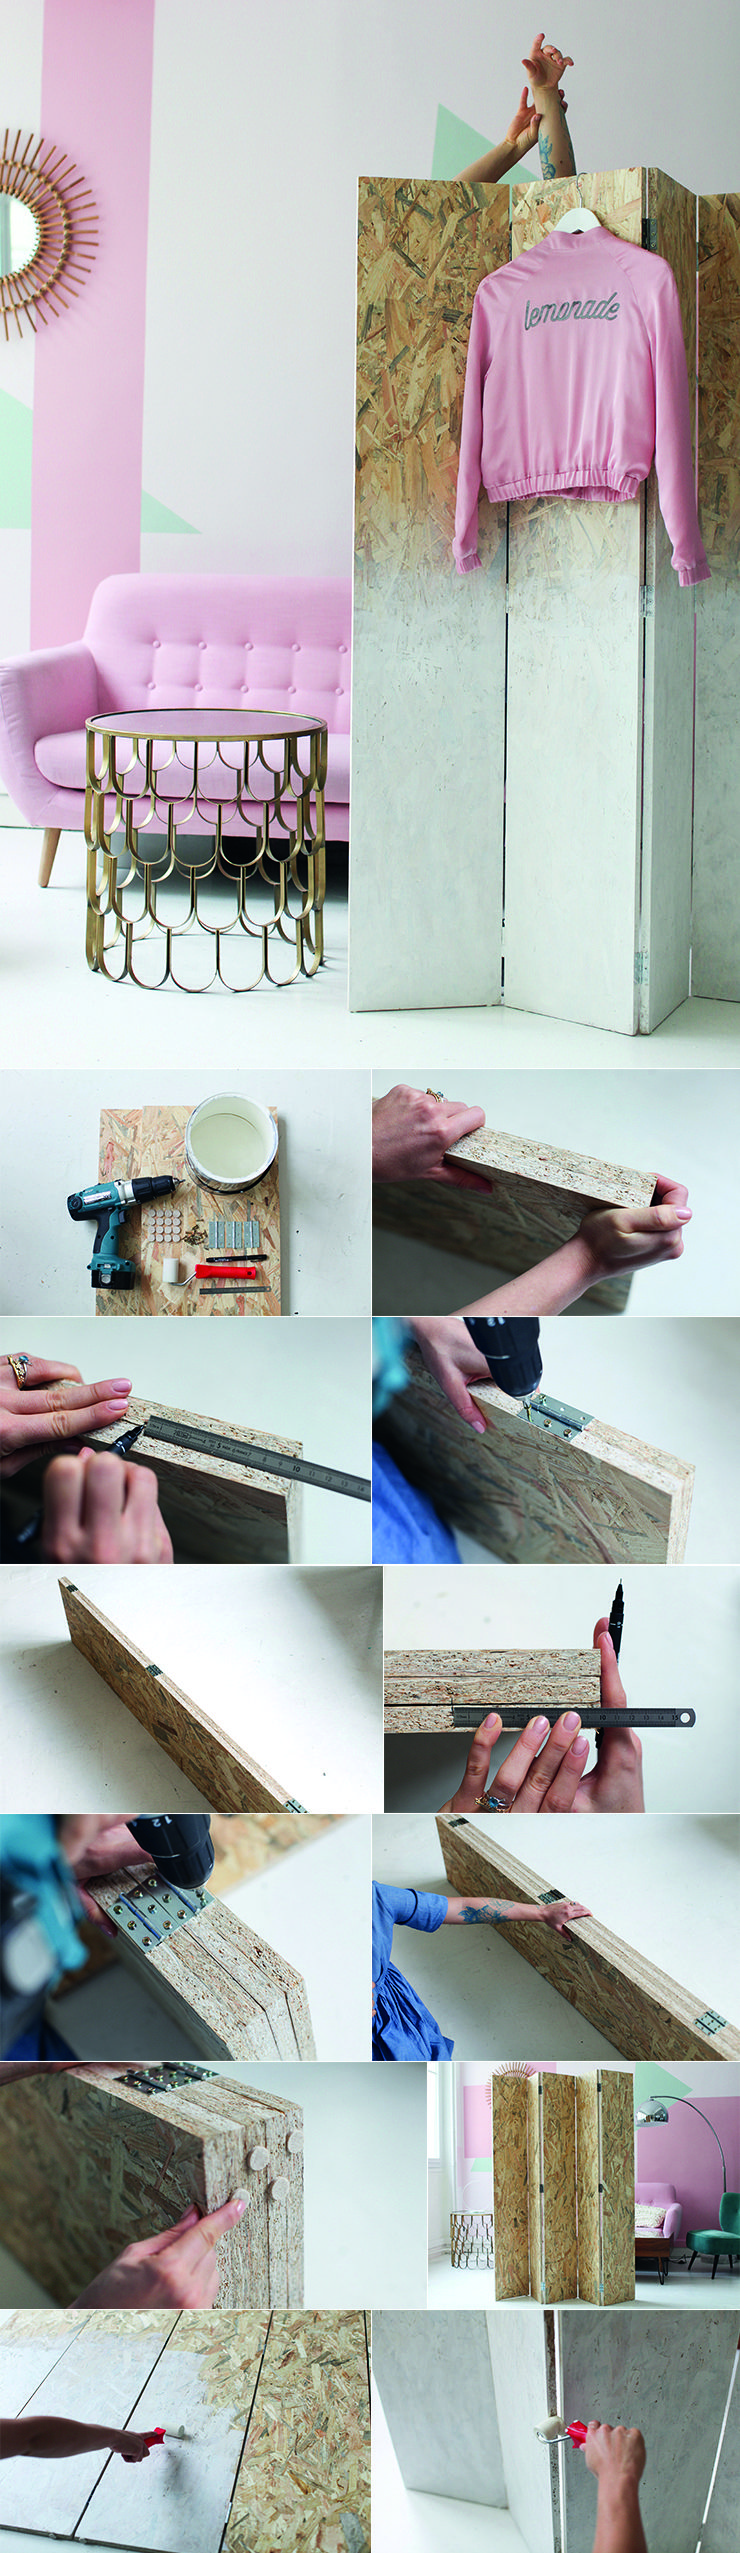 Pin von monochrome diy basteln und selber machen auf diy basteln selbst gemacht m bel - Paravent selbst gestalten ...